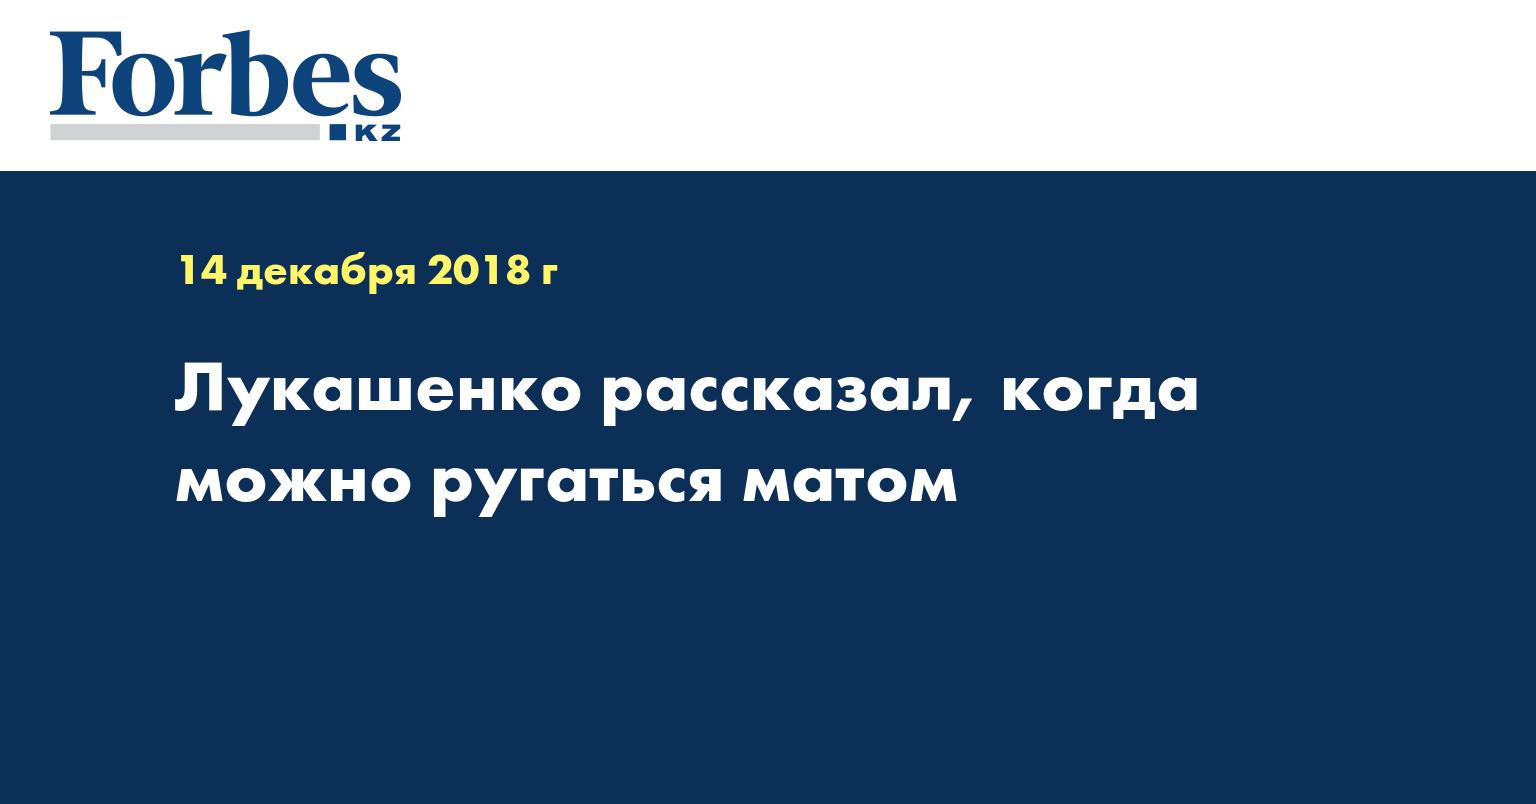 Лукашенко рассказал, когда можно ругаться матом